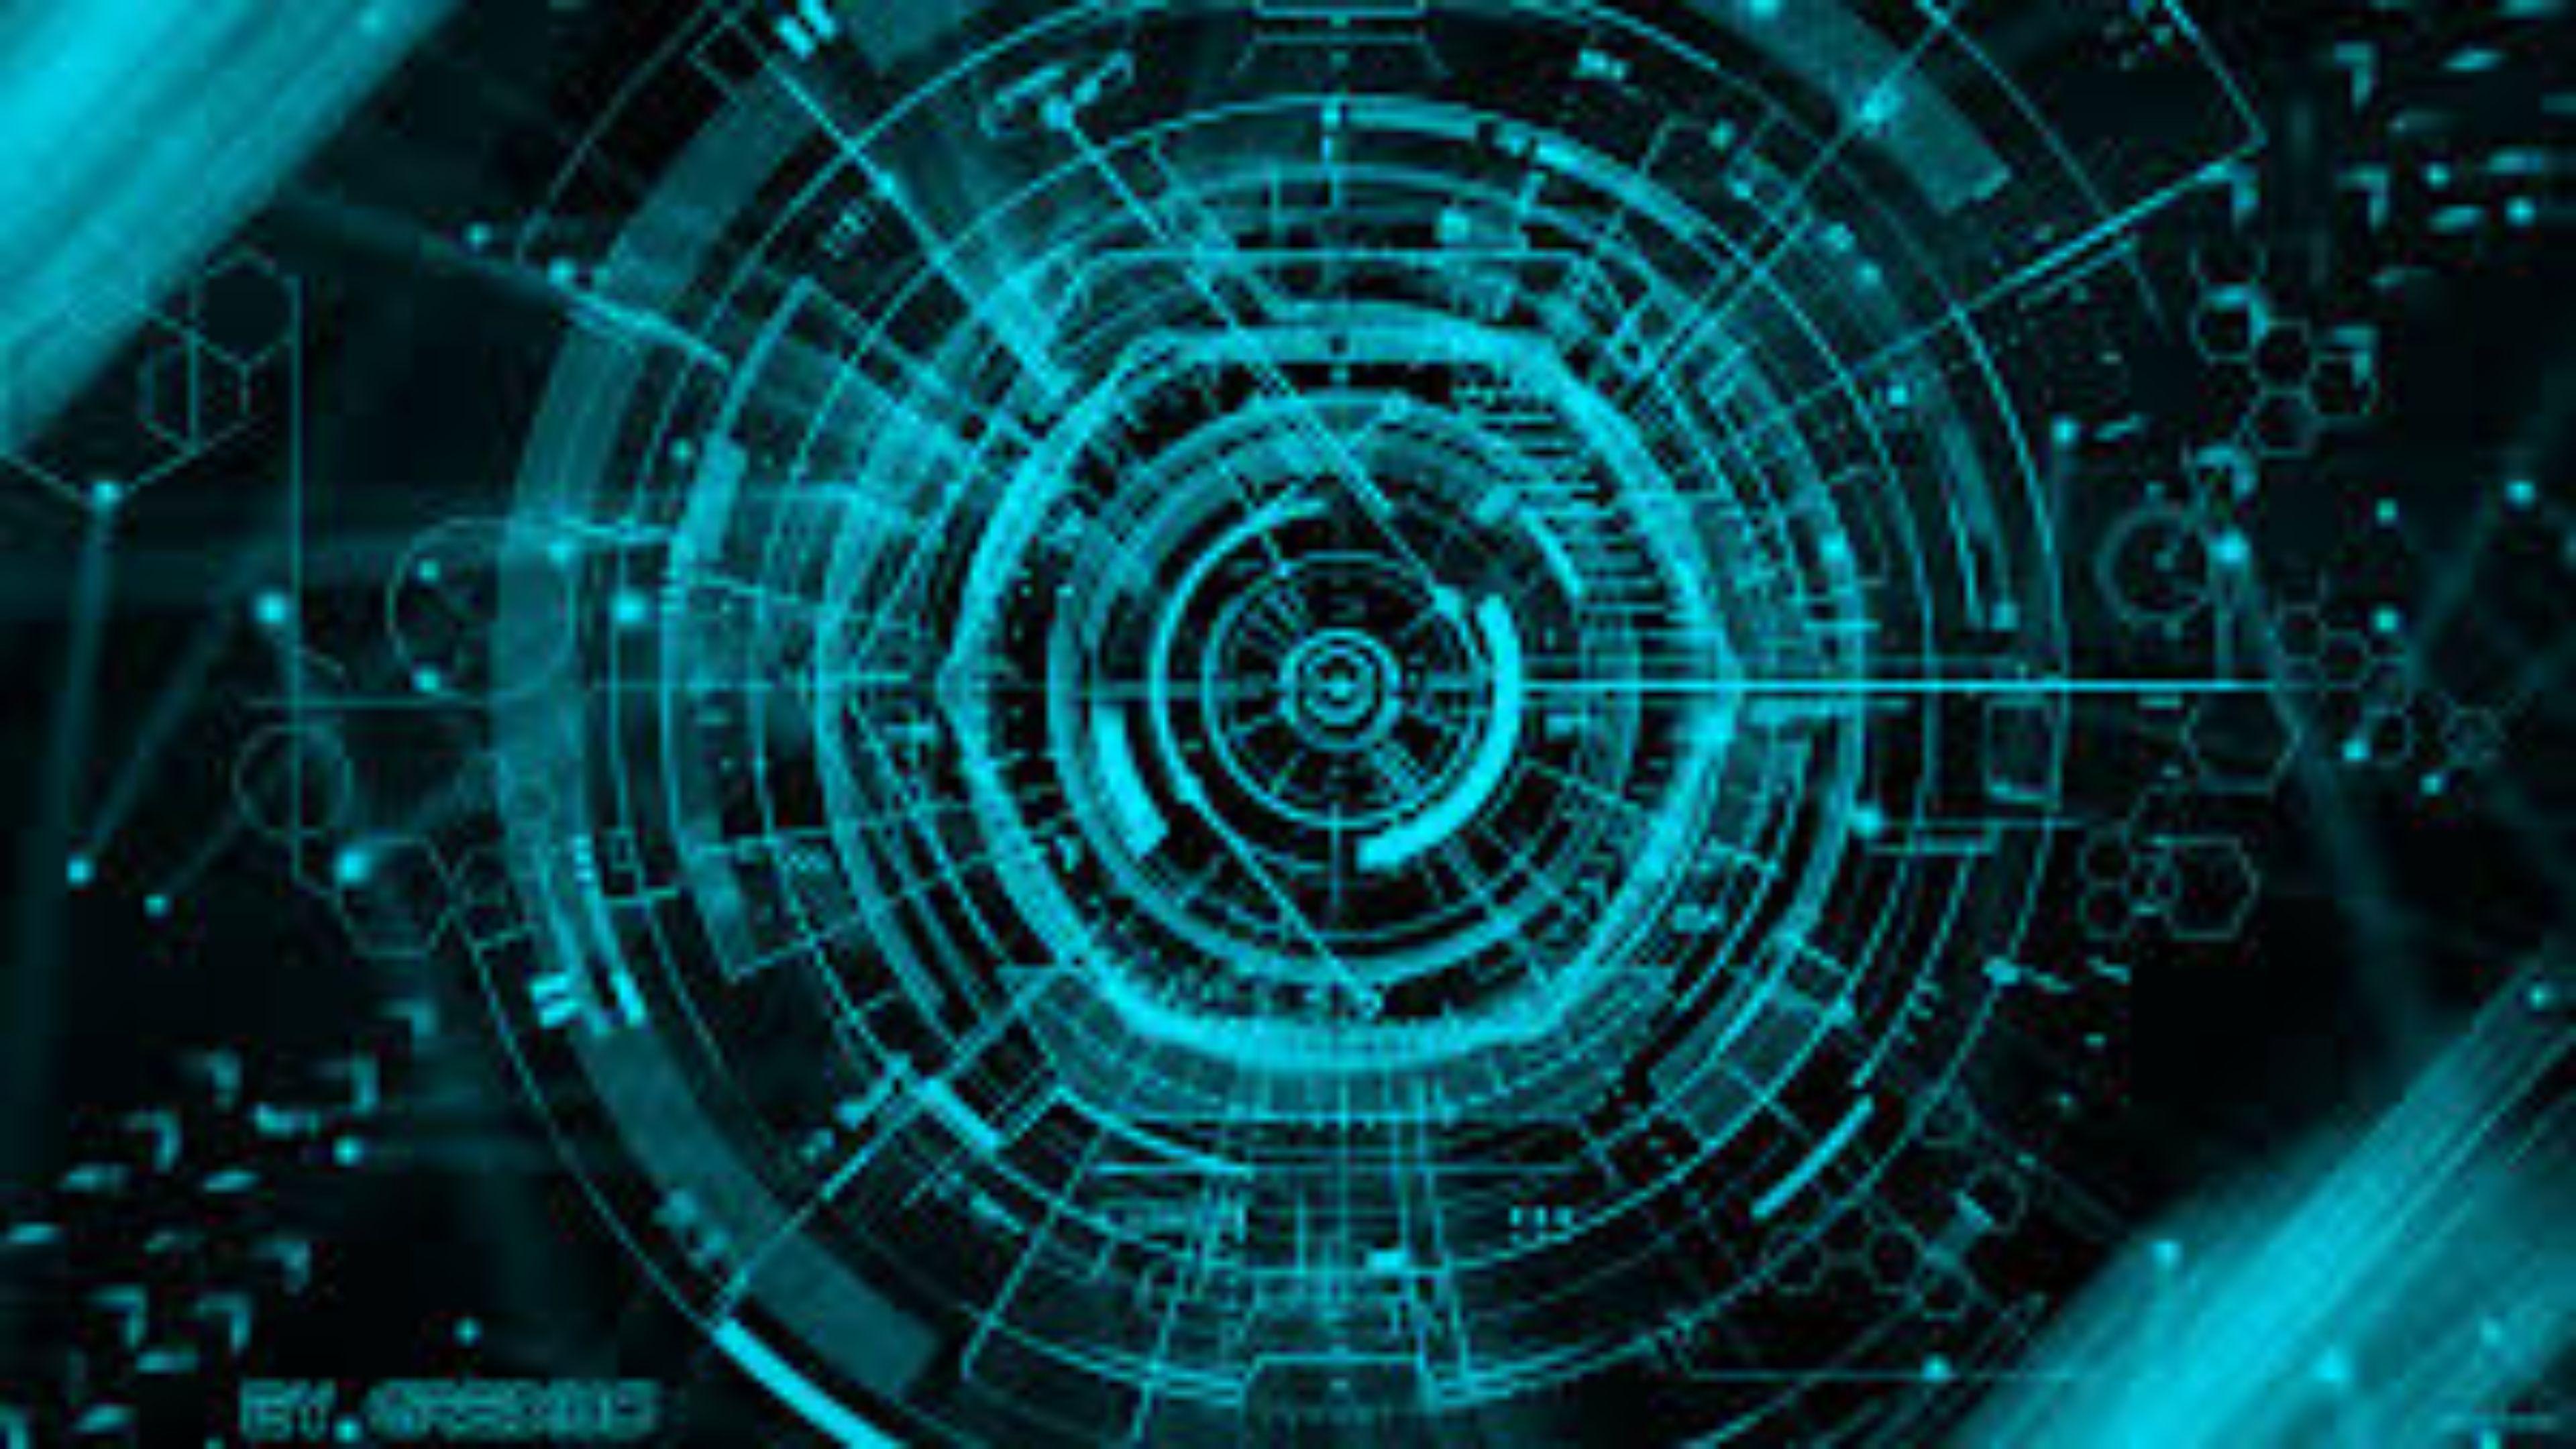 D Wallpaper on Computer wallpaper hd Technology wallpaper Hi 3840x2160